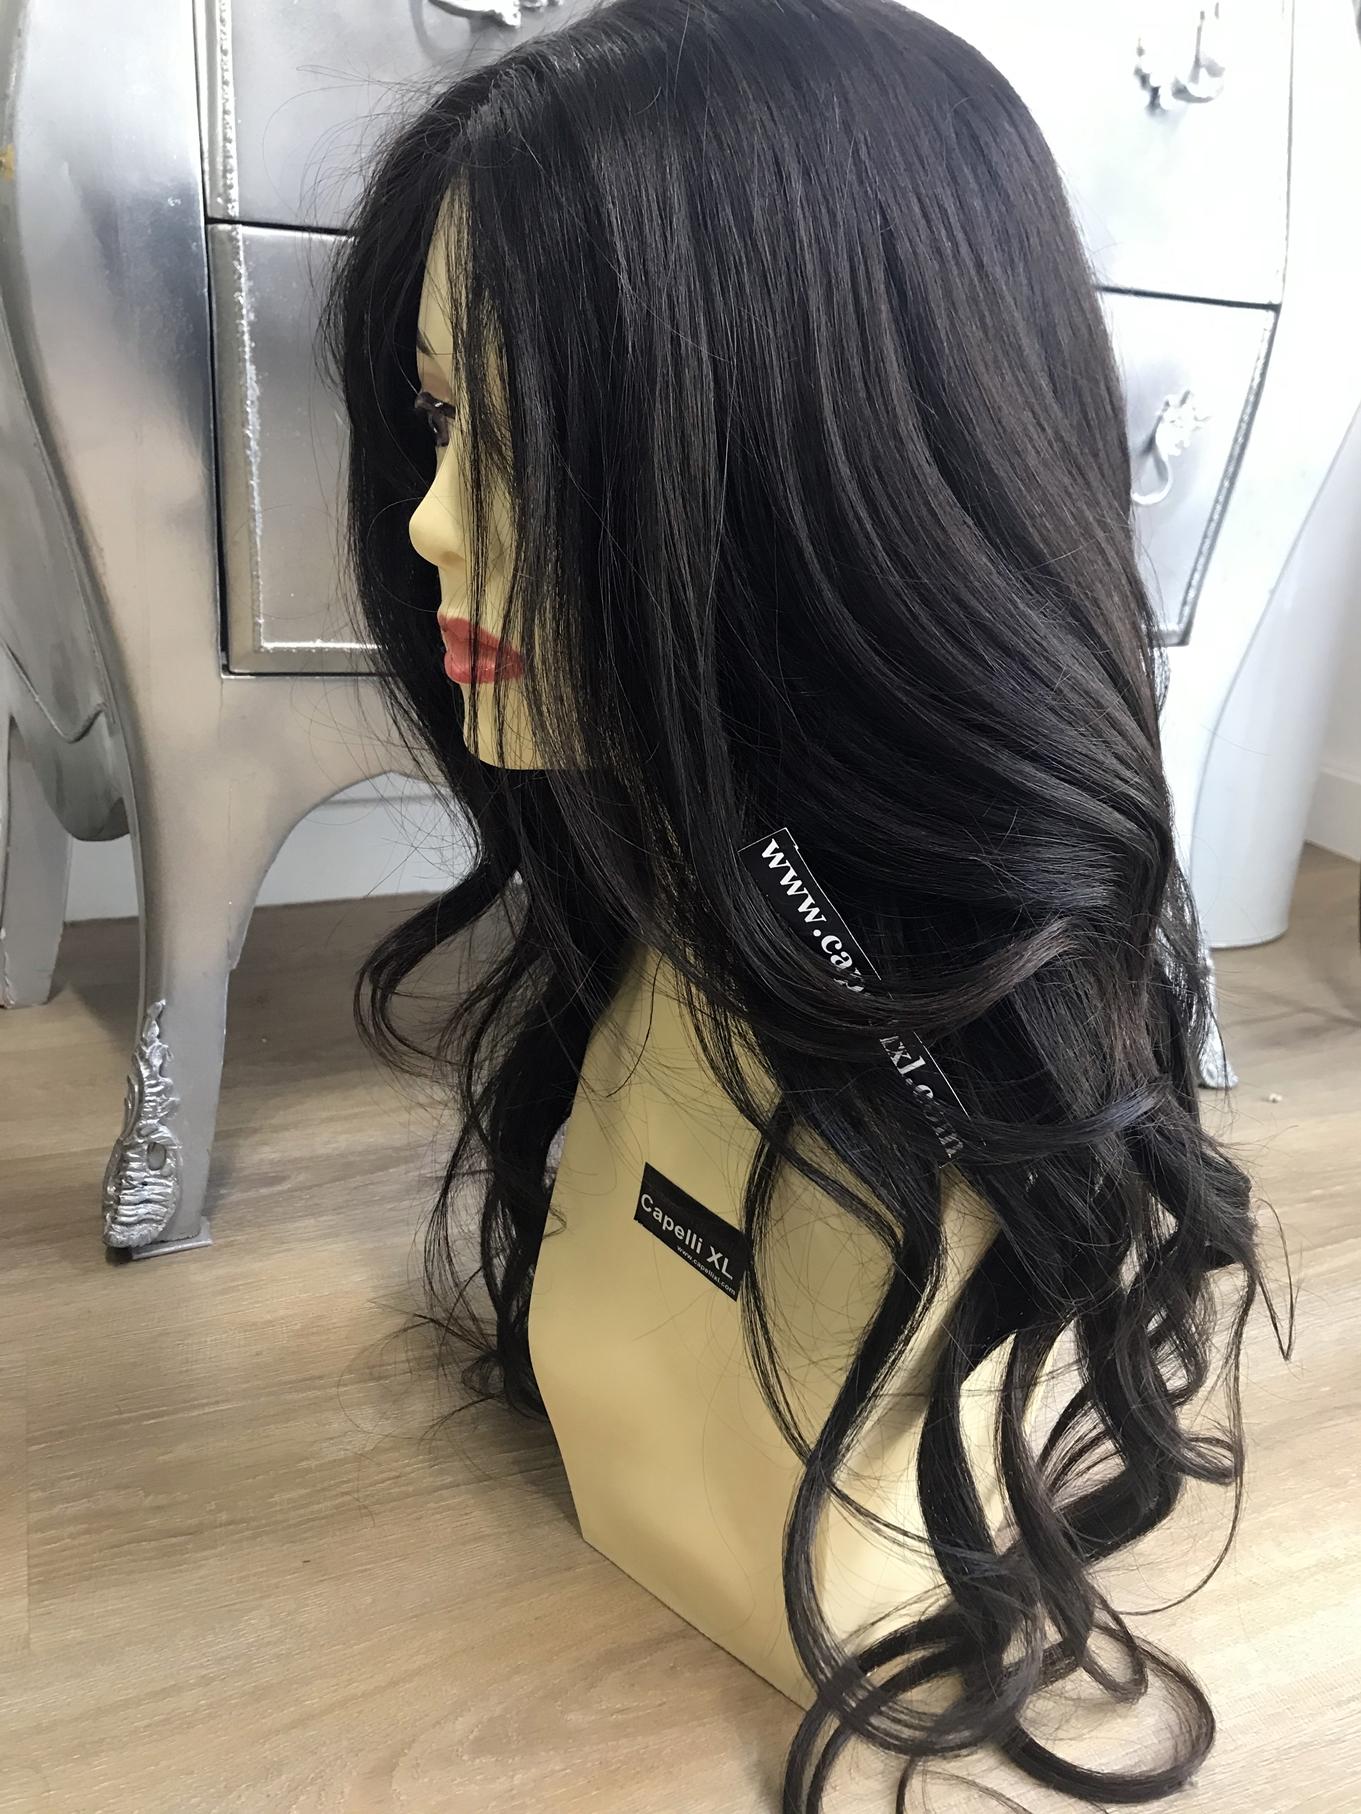 Parrucca naturale Capelli umani lavorazione artigianale fatta su misura Parrucca effetto cinema